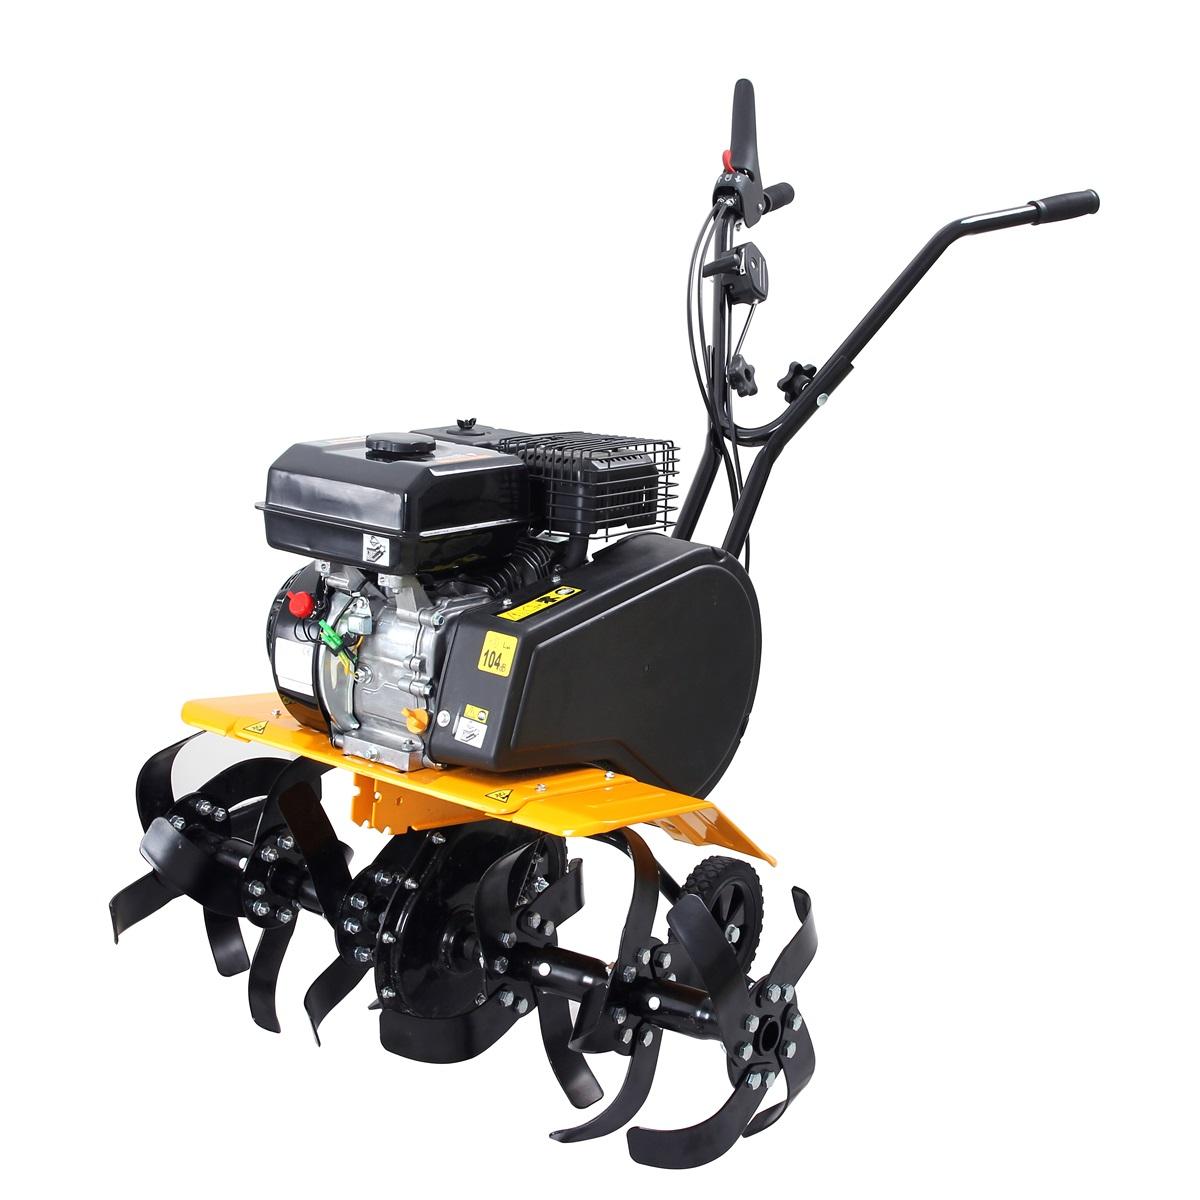 Riwall PRO RPT 8556 R, kultivátor s benzínovým motorom